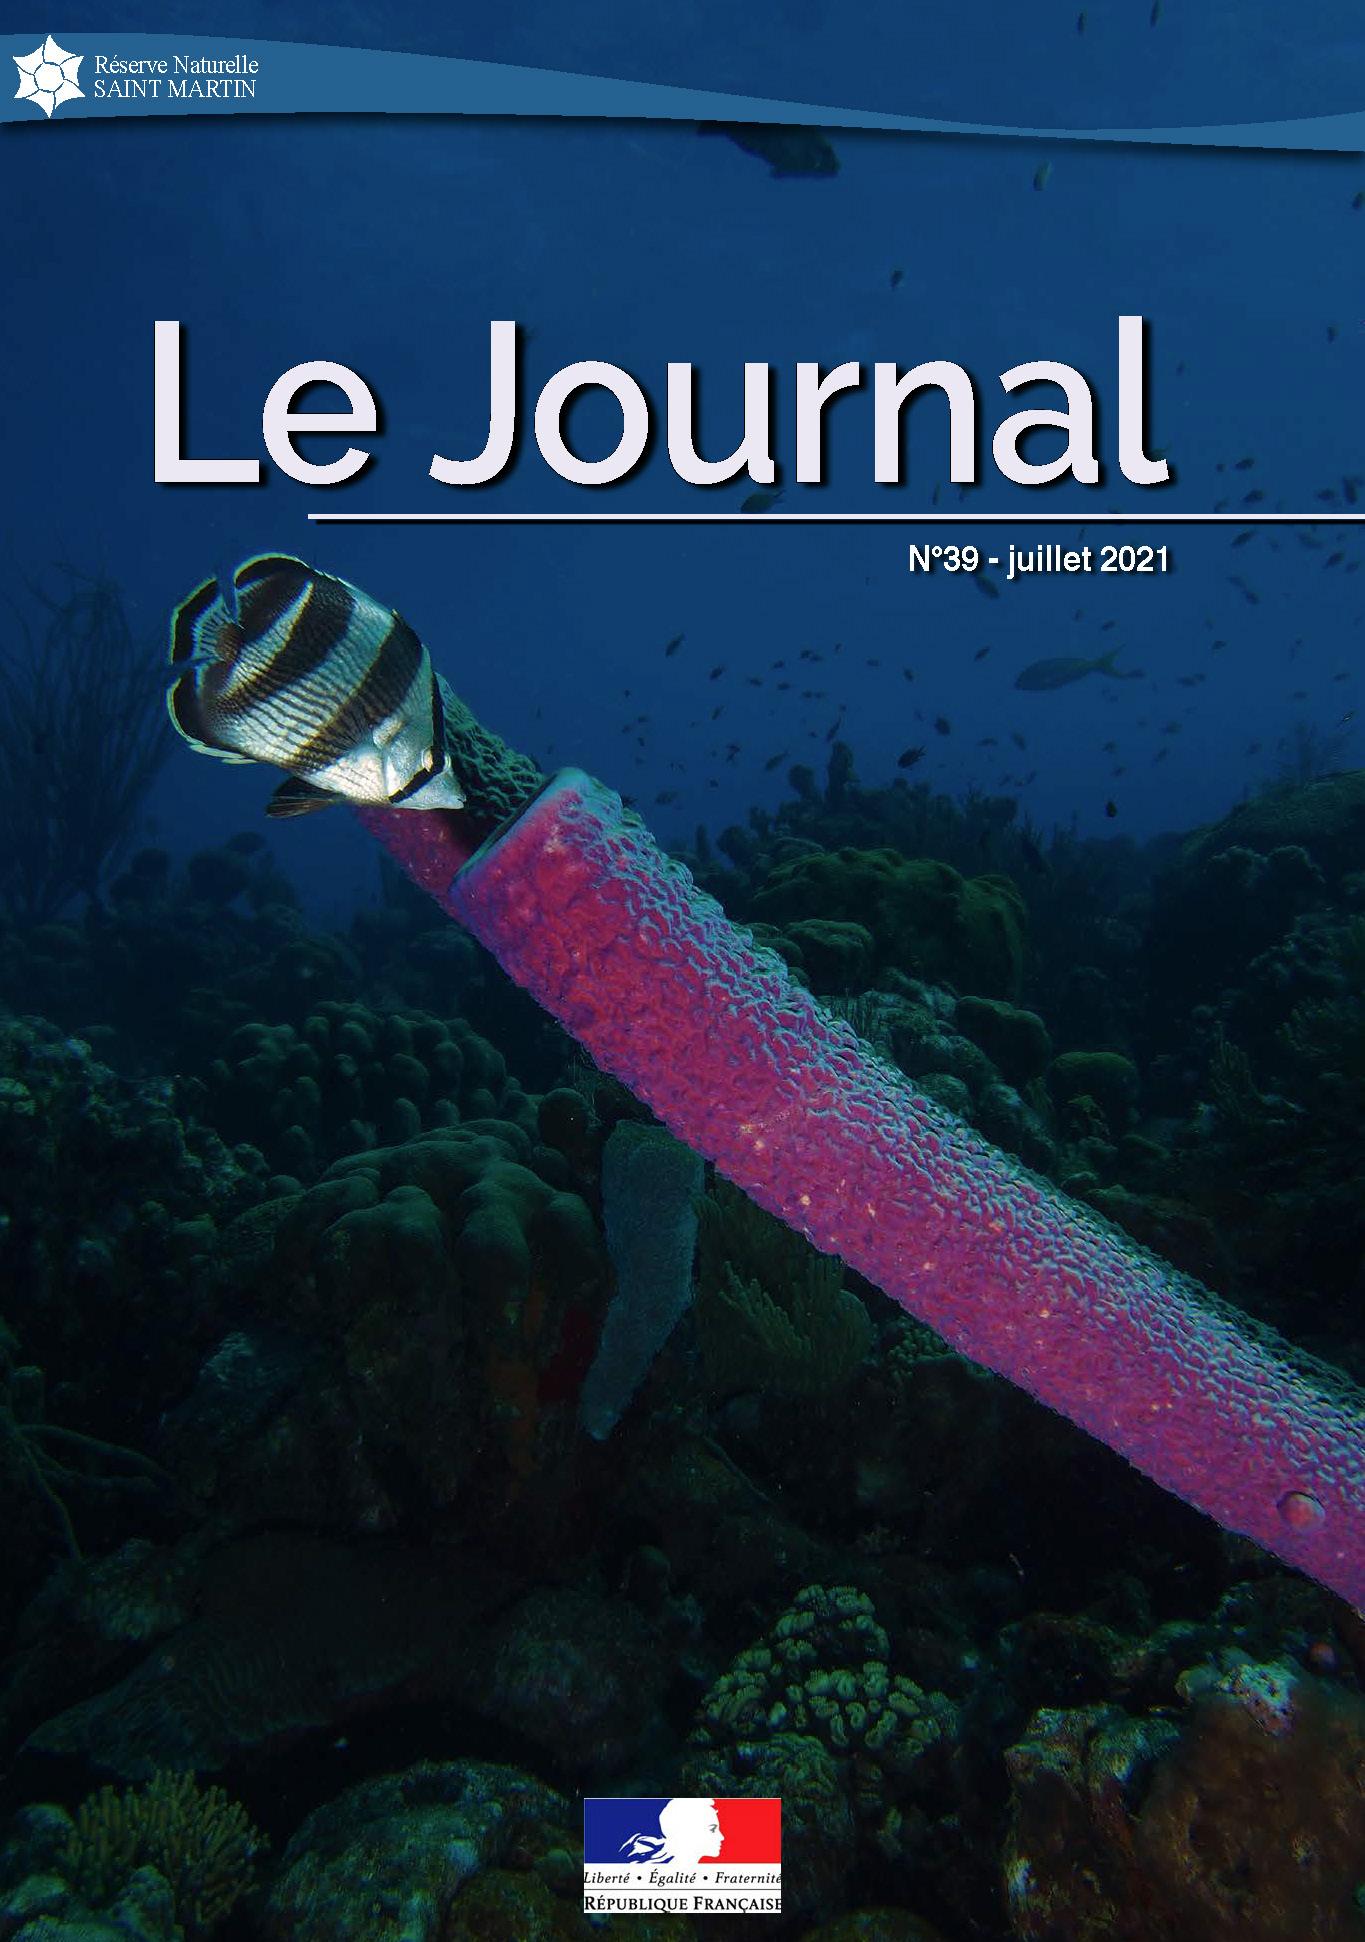 Journal #39 RNNSM